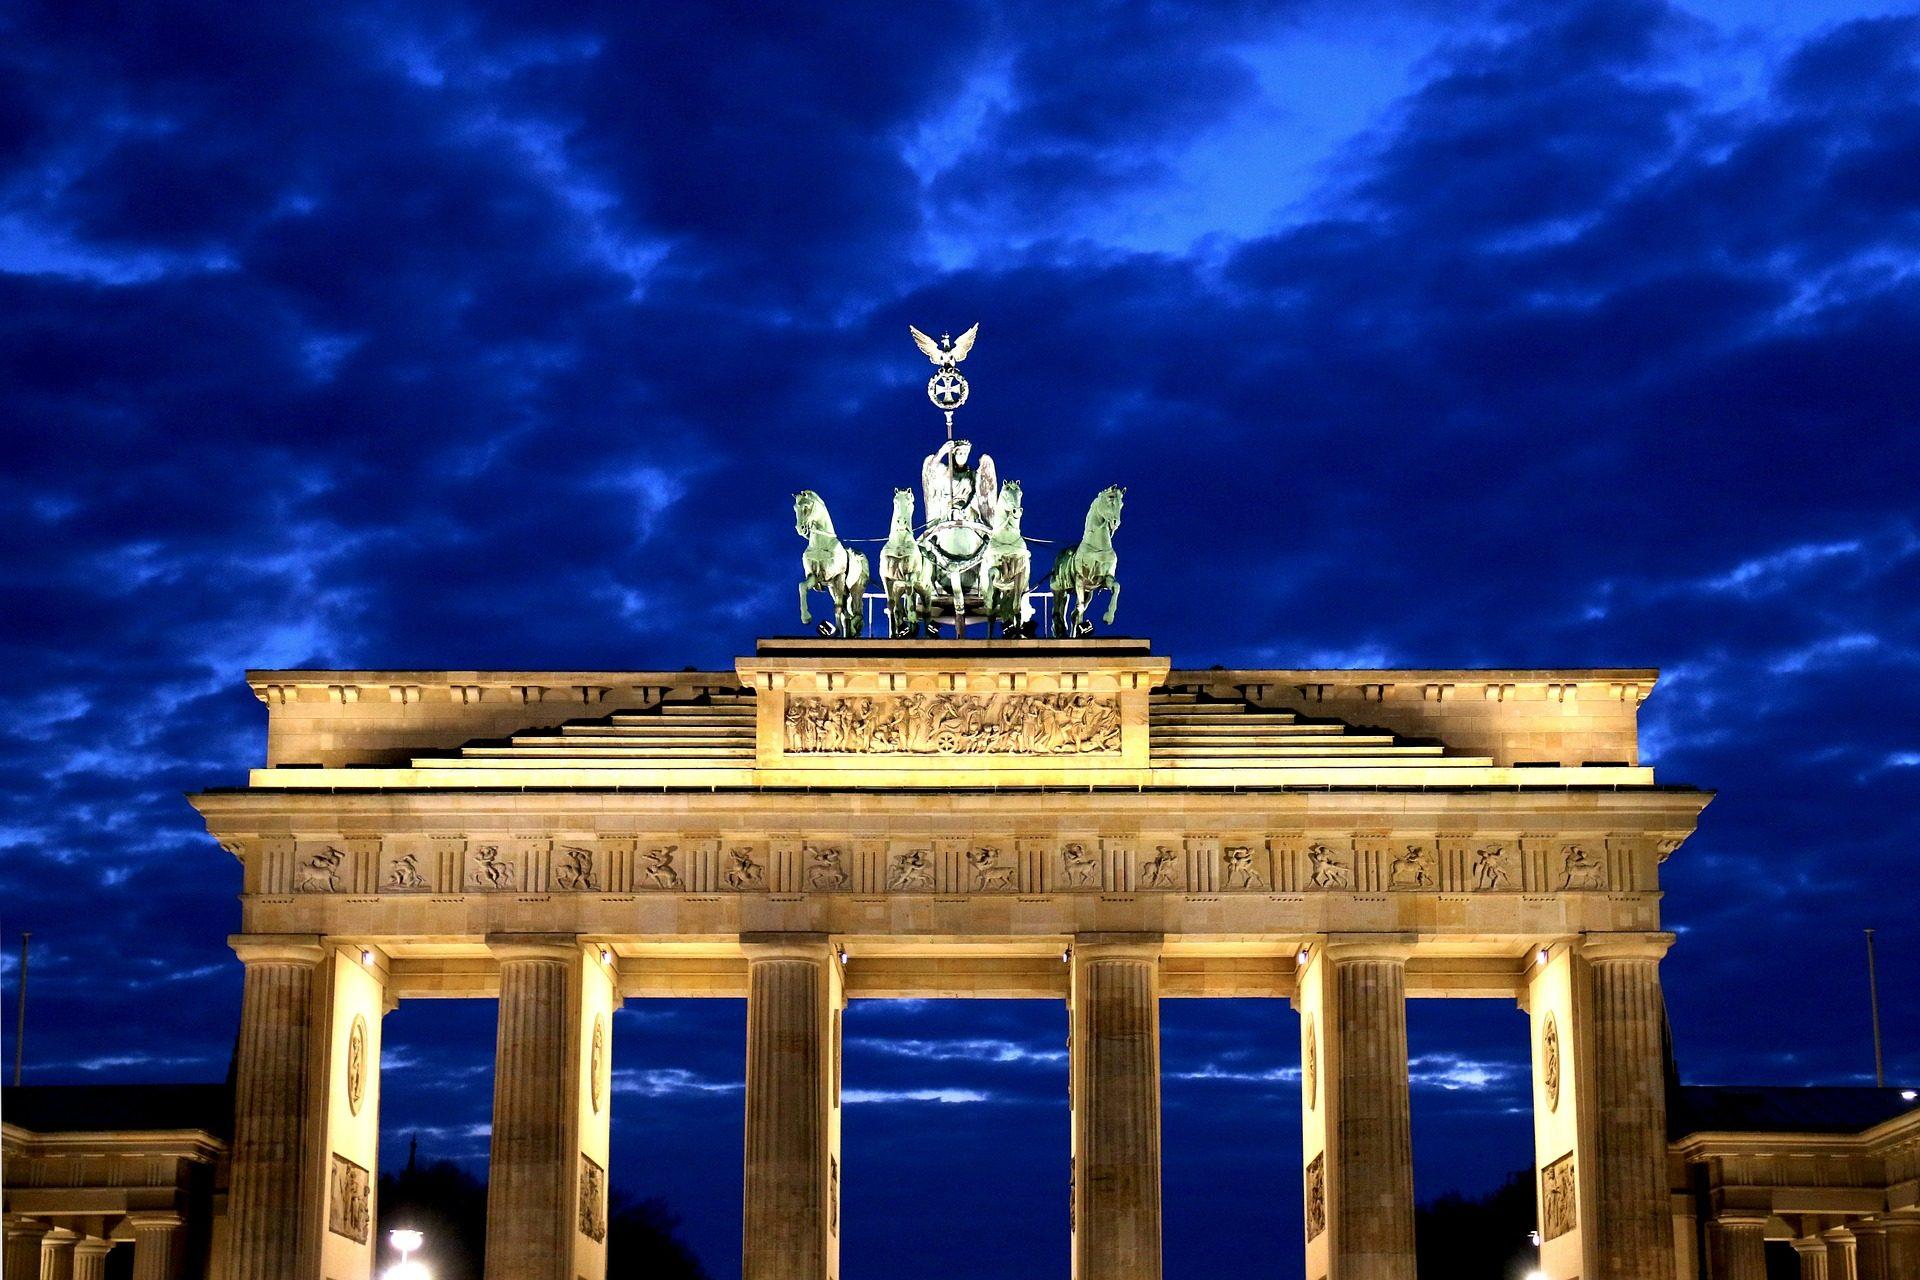 Städtereise nach Berlin die Nacht ab 24,99€ - 3 Sterne = 61 % Günstiger